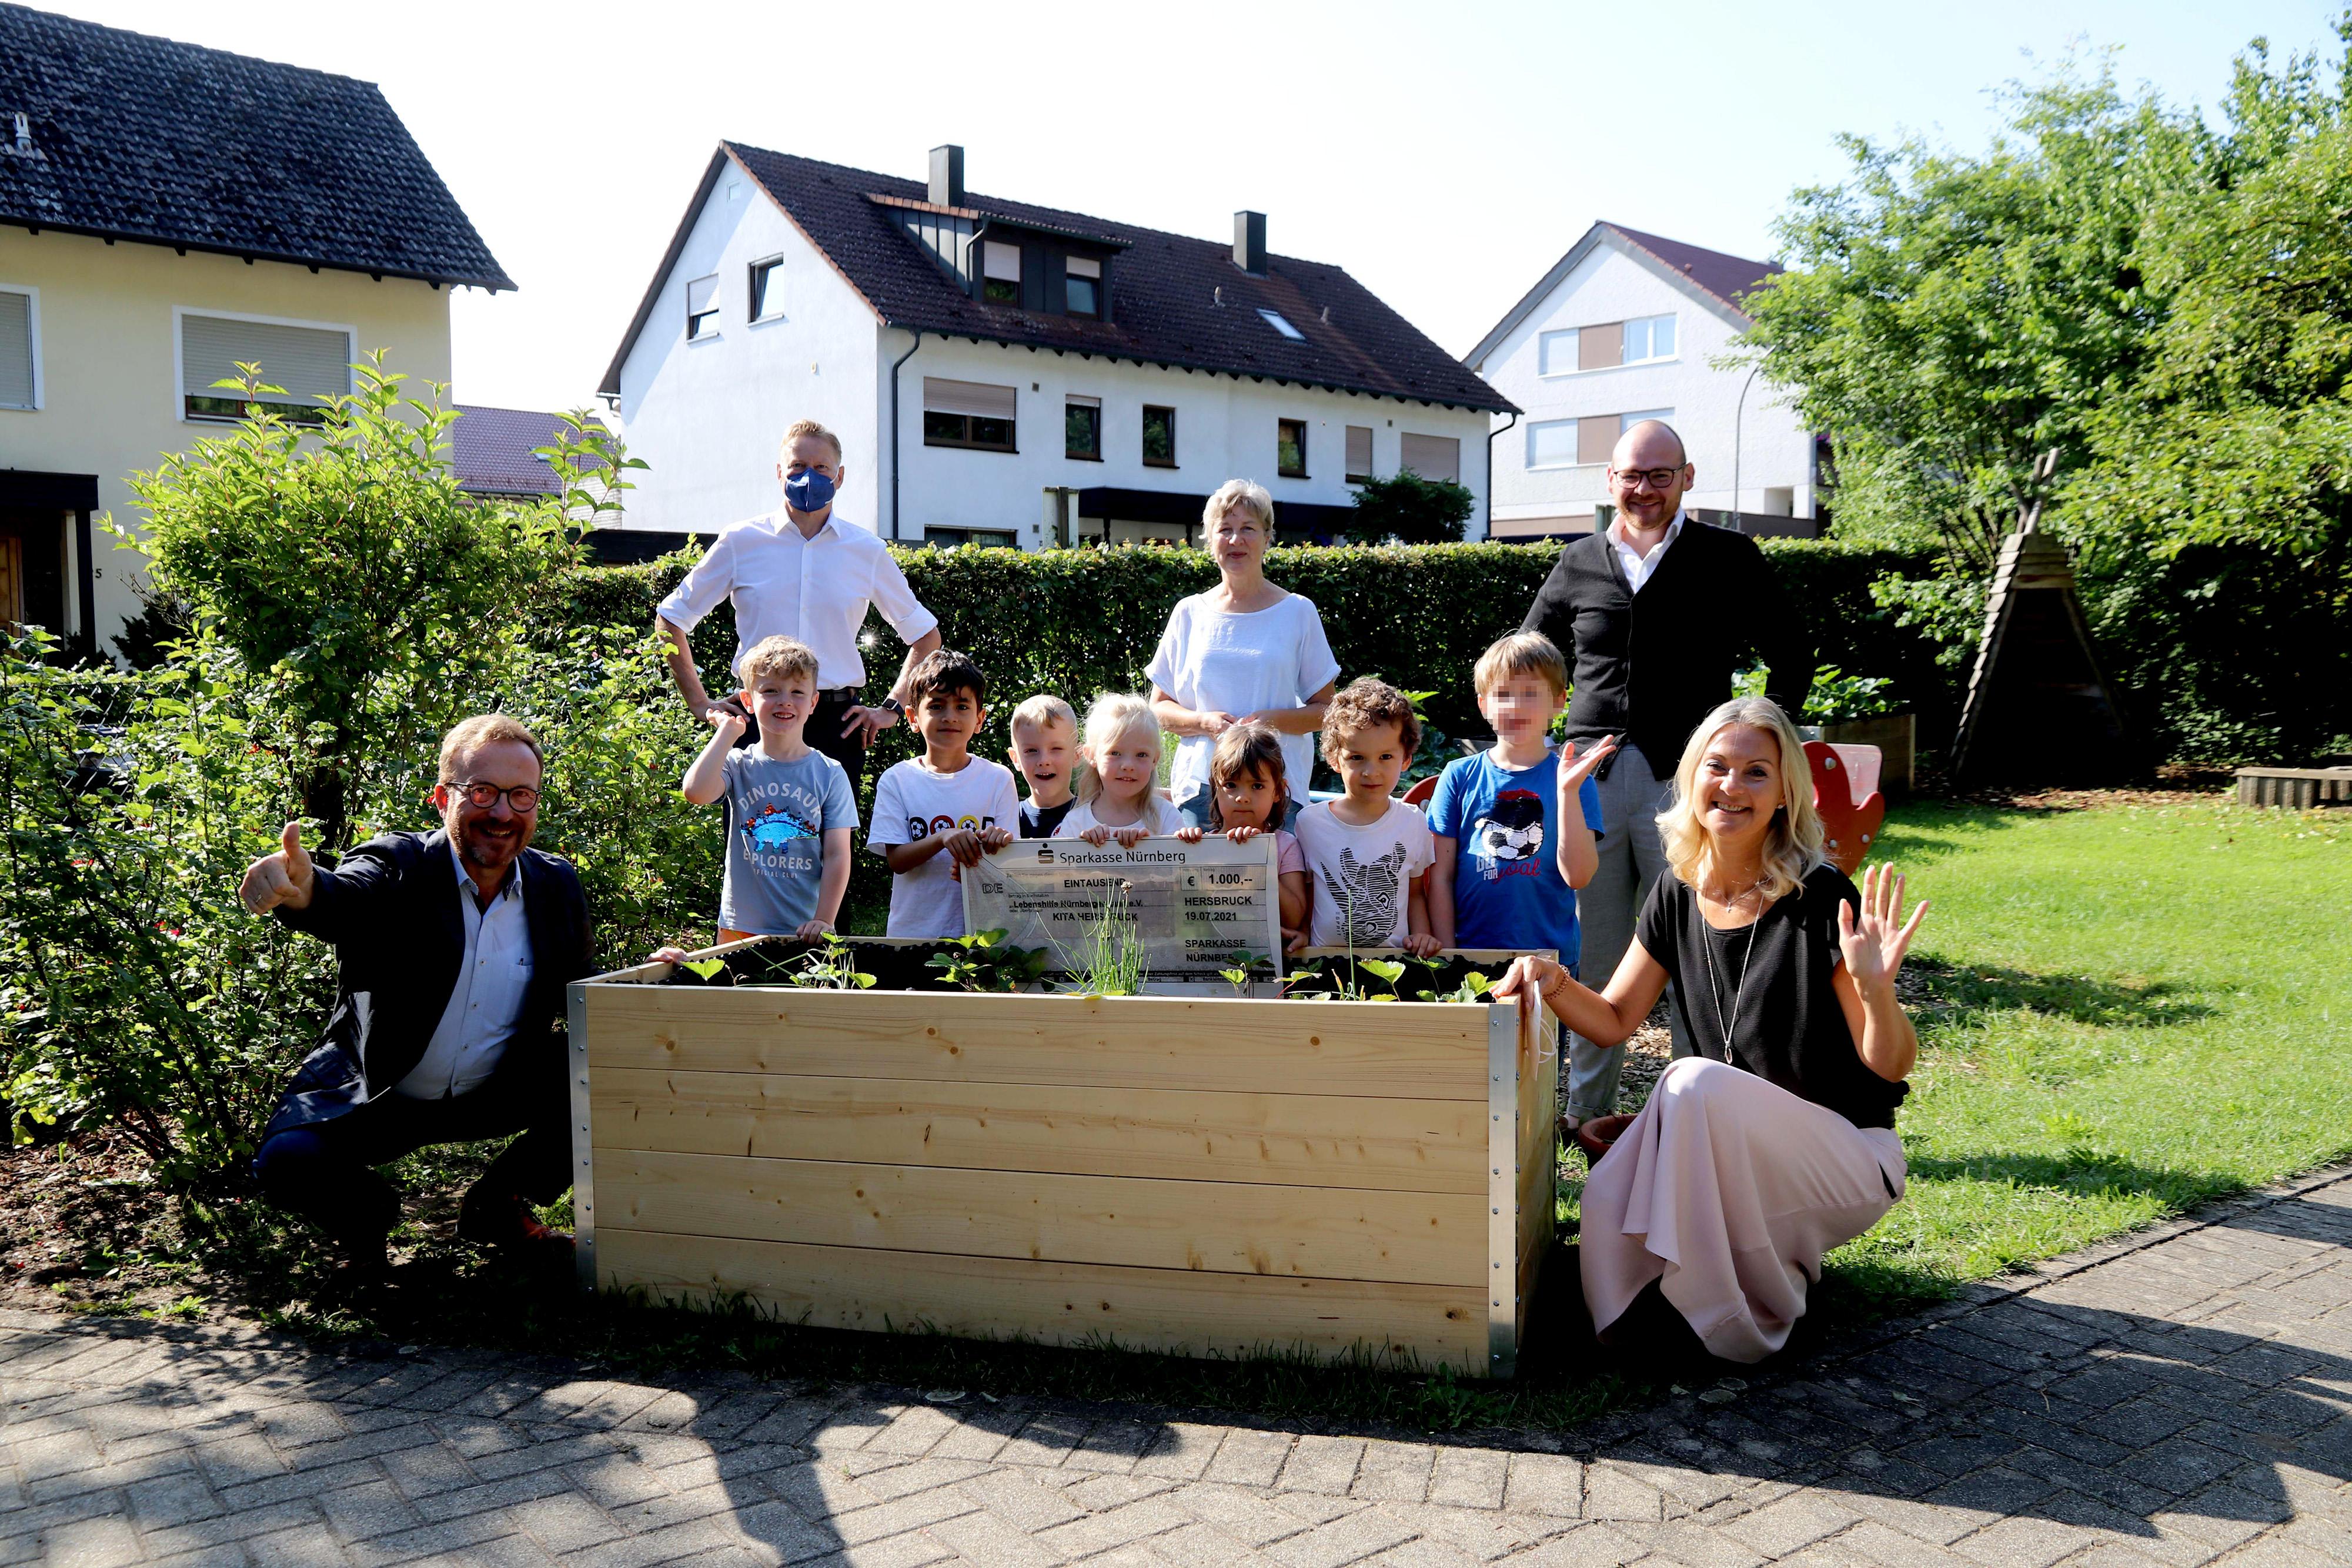 Große Freude bei den Hersbrucker Kita-Kindern über das neue Hochbeet, das mit der Spende über 1000 Euro Erdbeeren wachsen lässt. v. l. Otfried Bürger, Norbert Dünkel, Sabine Hartmann, Dennis Kummarnitzky und Simone Heubeck.